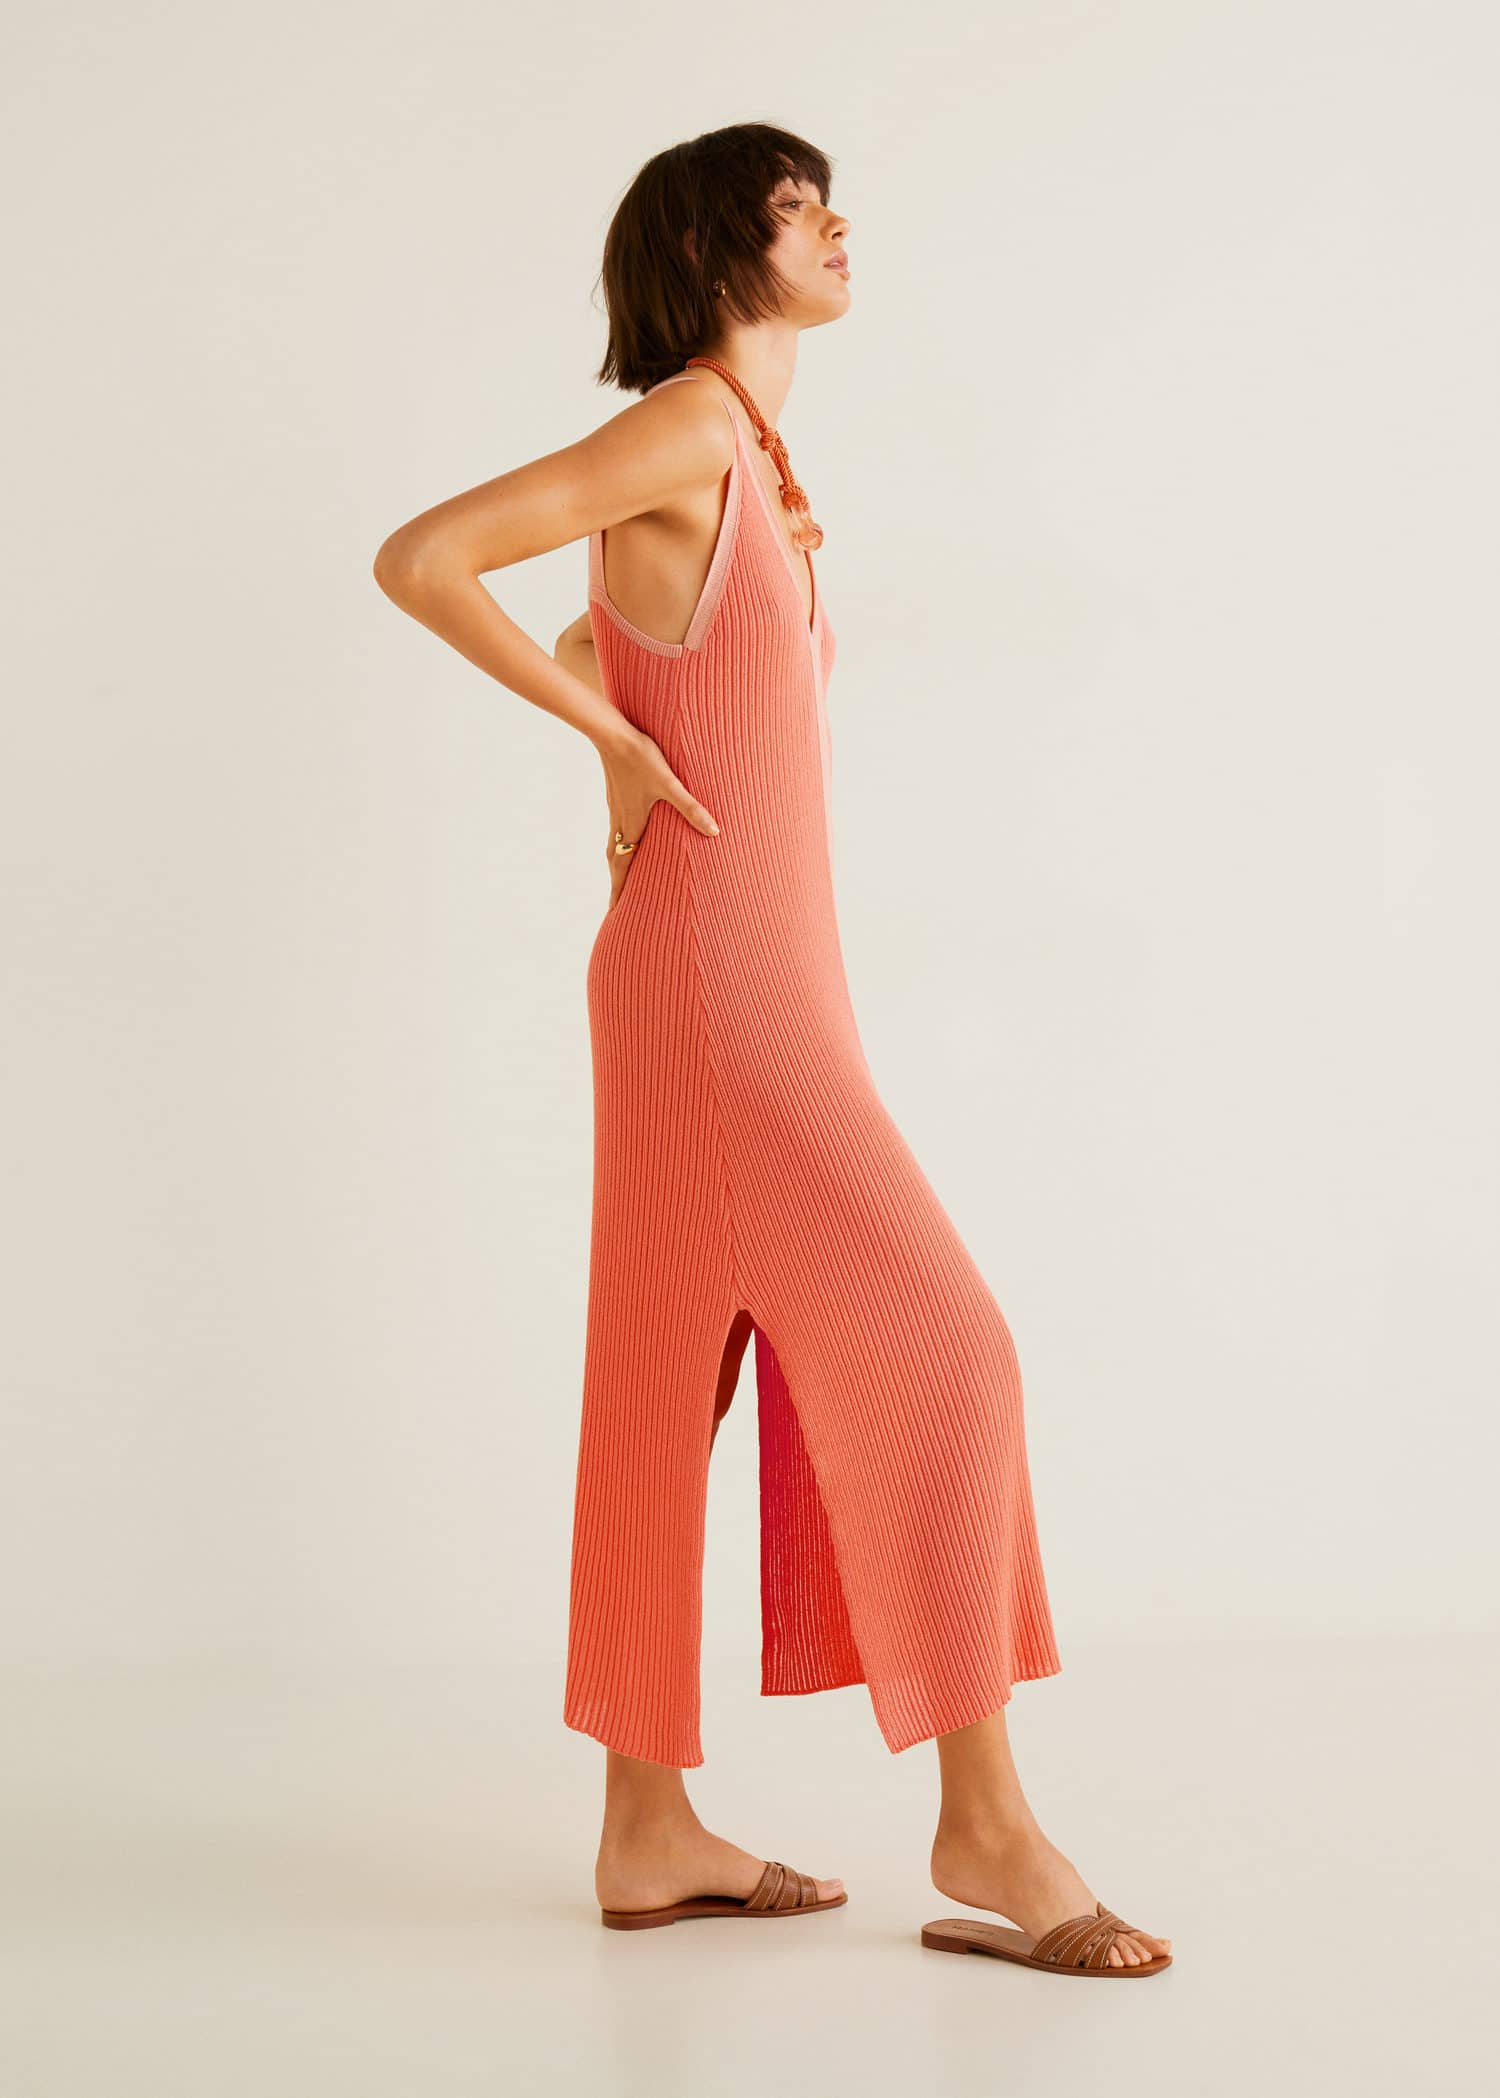 Finland Bodice WomanMango Contrast Jersey Dress DI2YeWEH9b